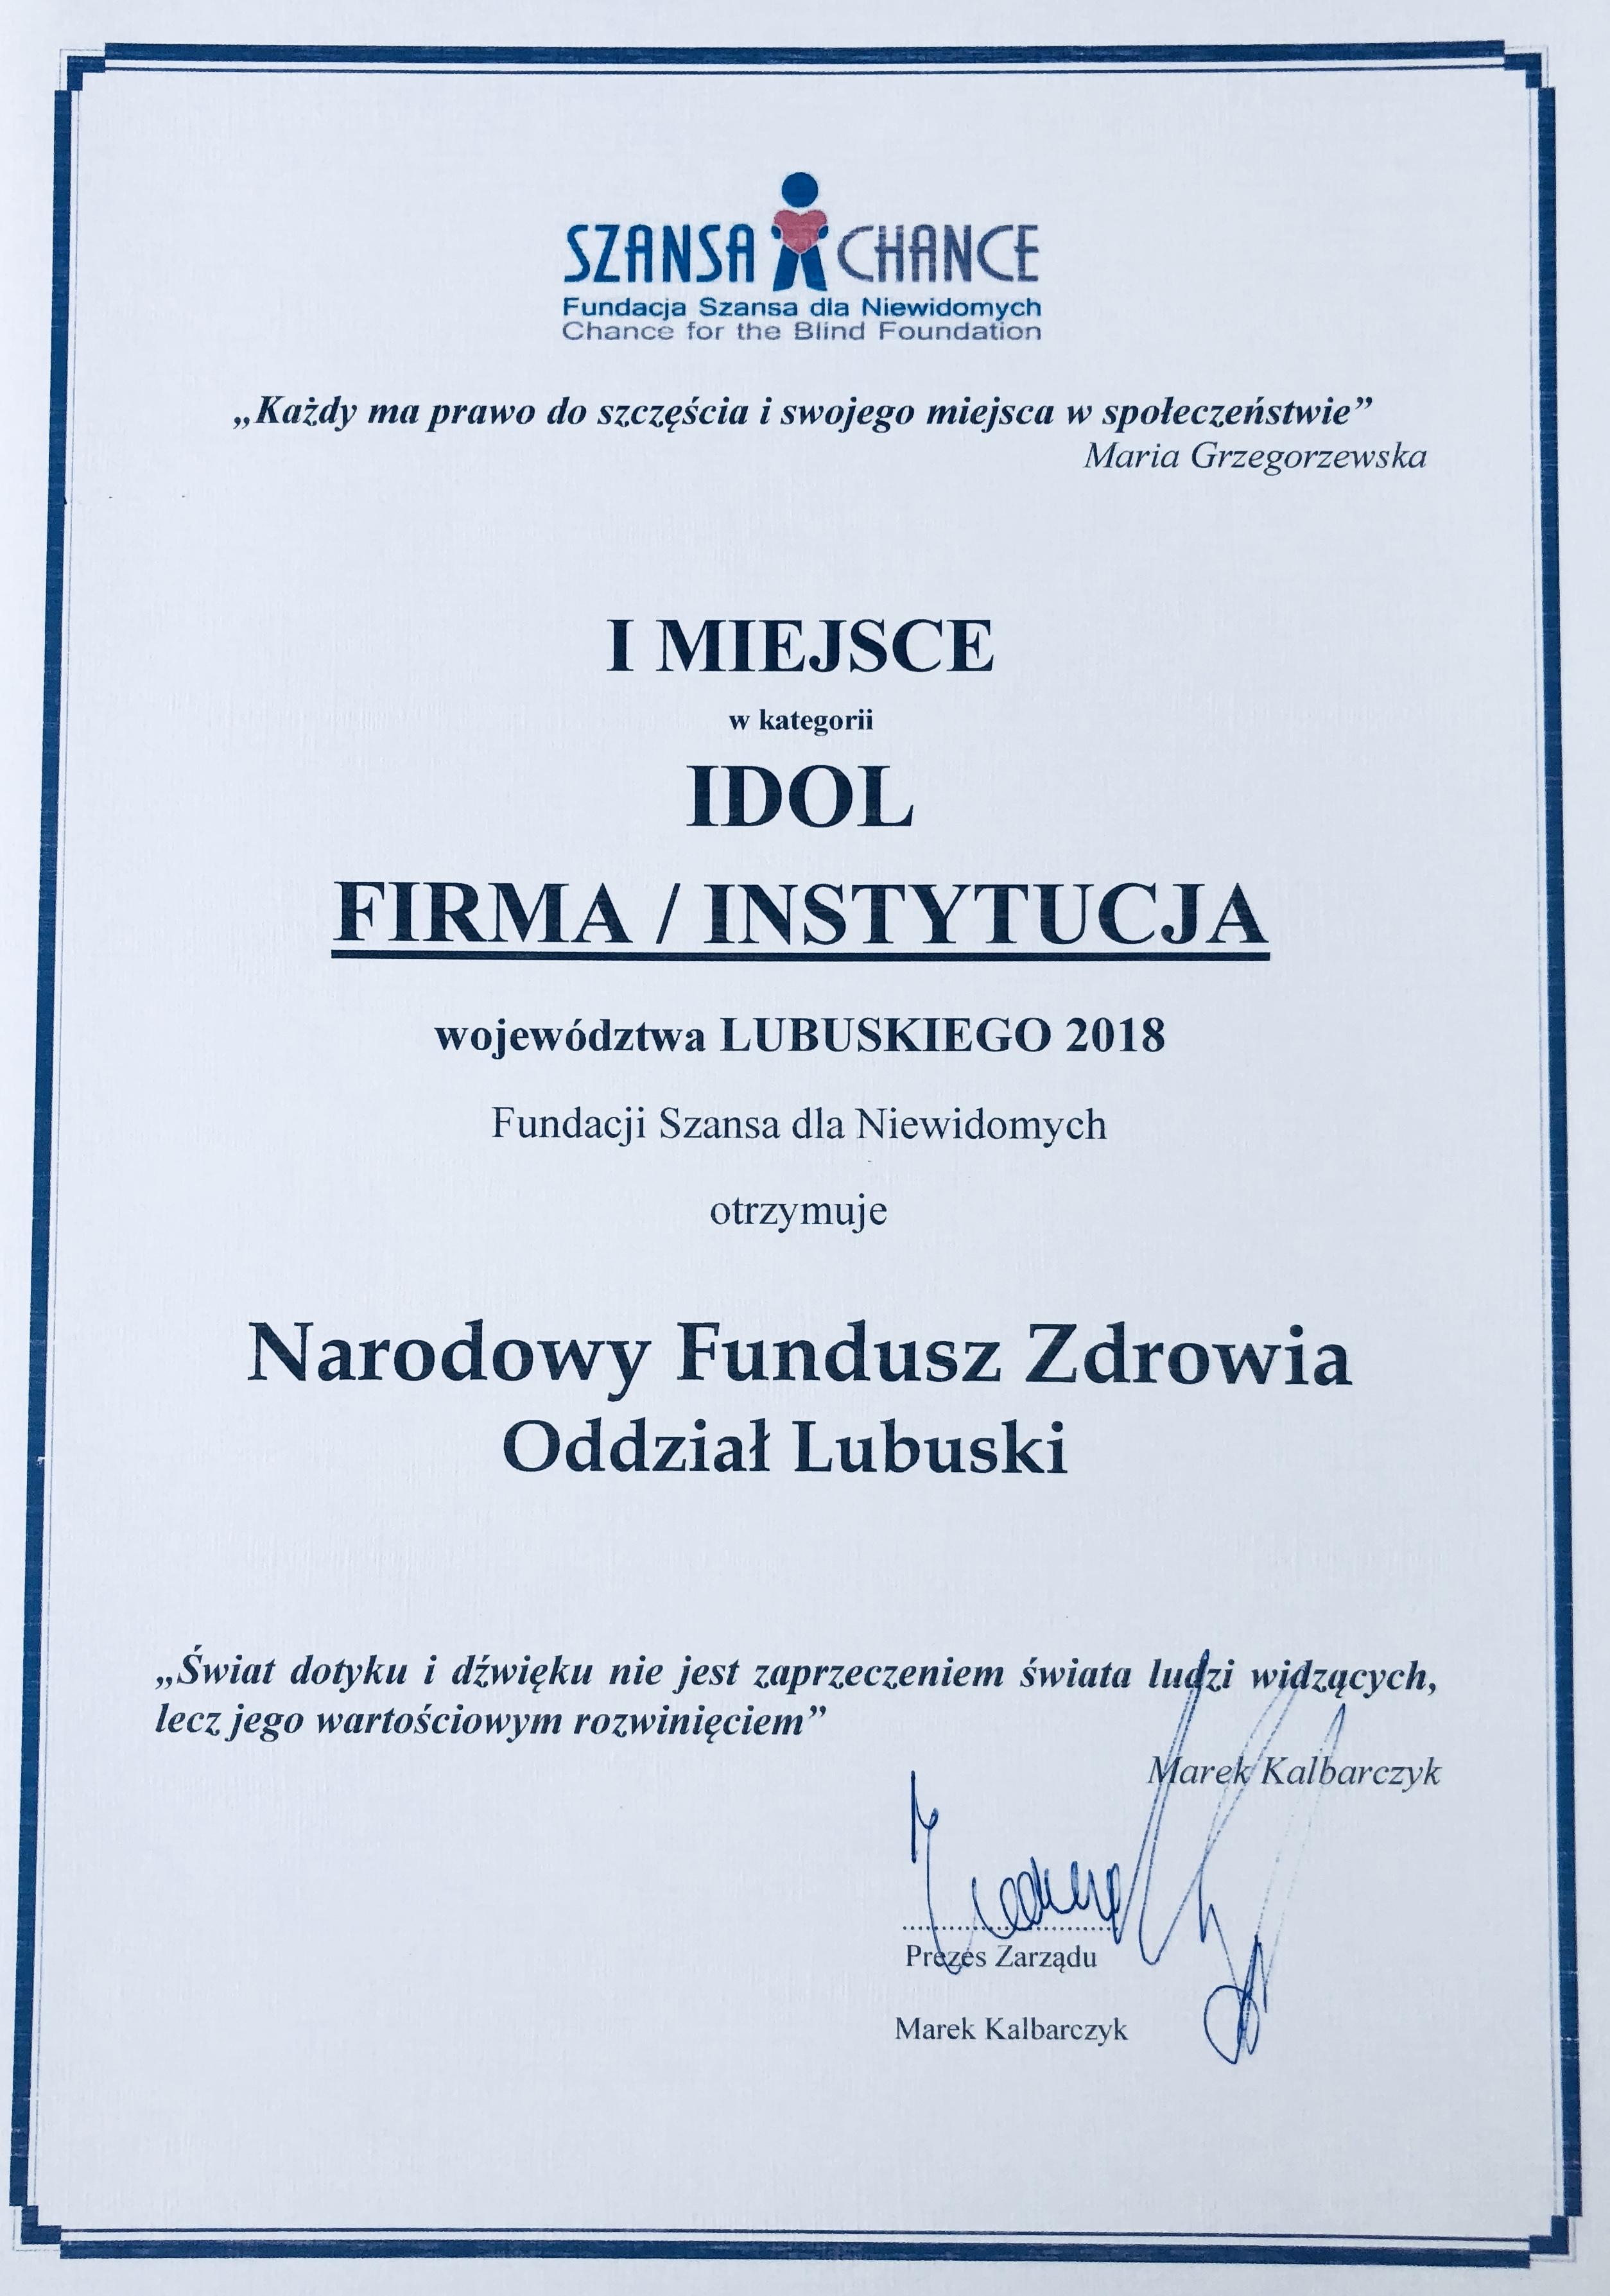 Ilustracja do informacji: LOW NFZ Idolem 2018 w kategorii Firma/Instytucja